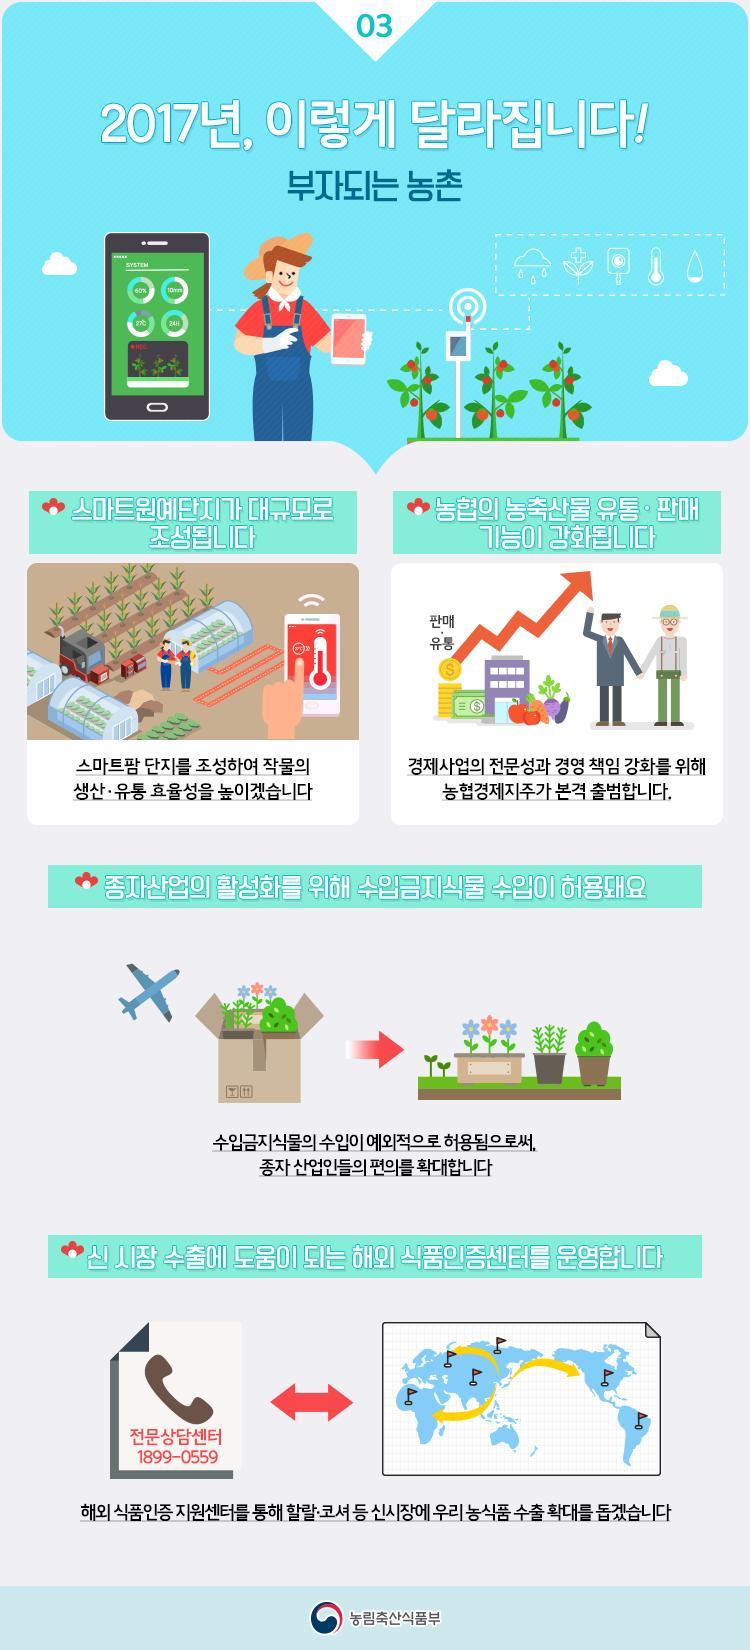 [농림축산식품부] 2017년 달라지는 제도 이미지 3